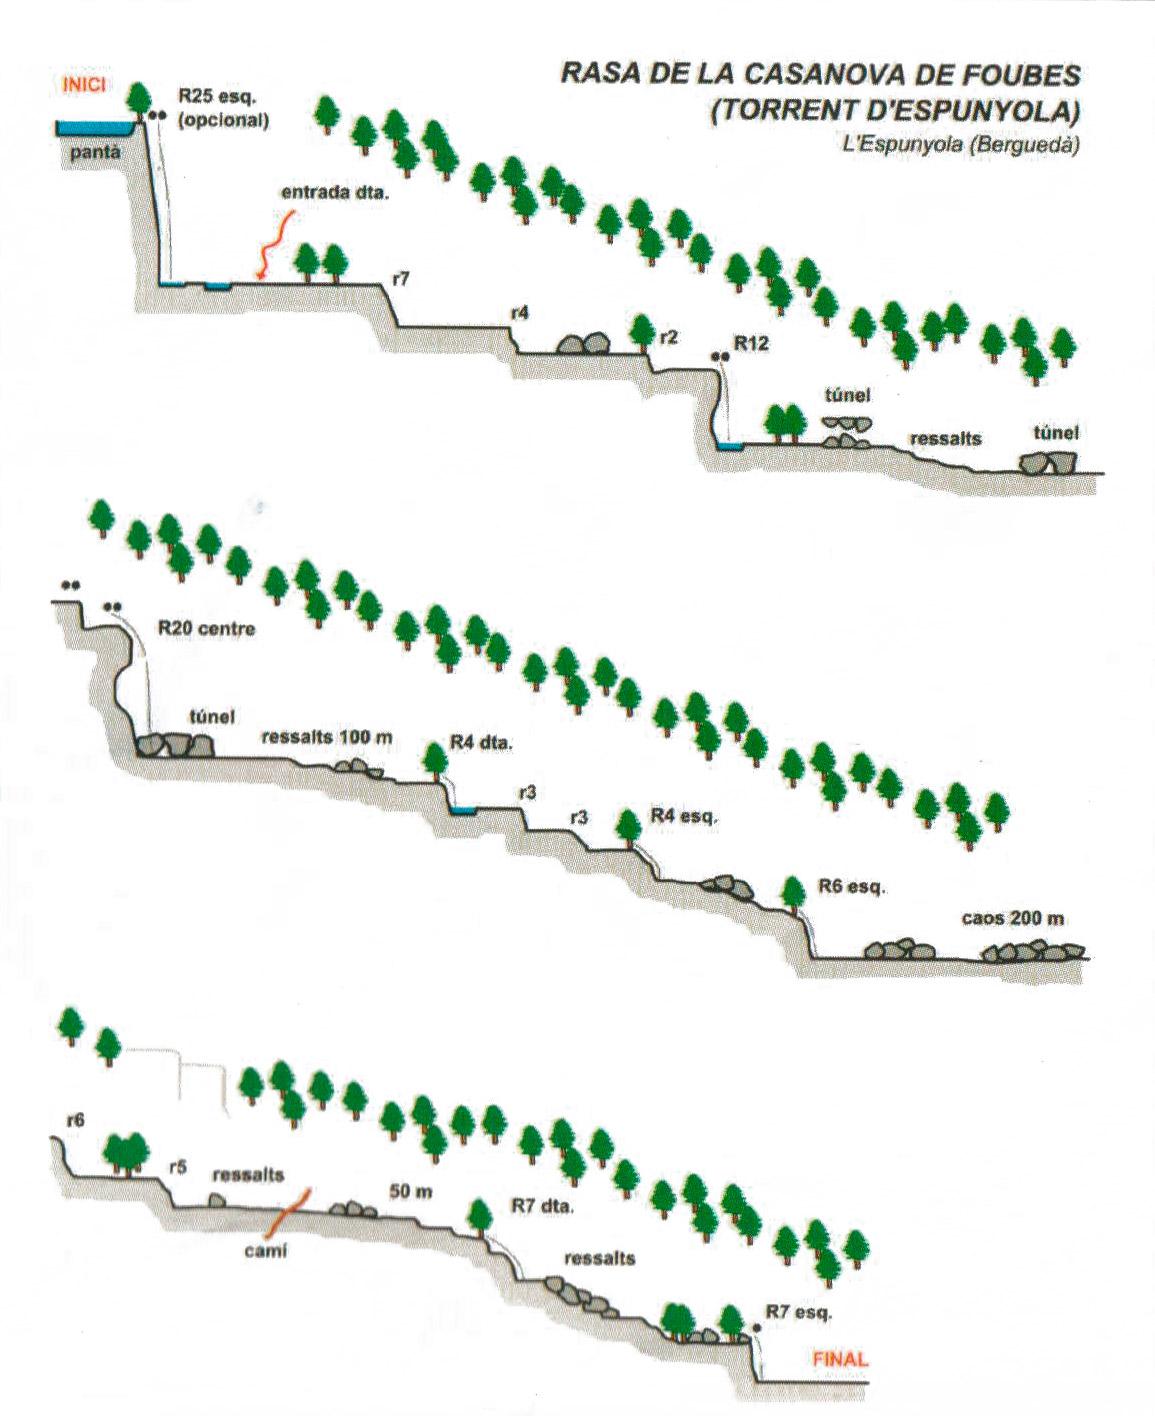 topografia barranc clot de foubes o barranc de l'Espunyola